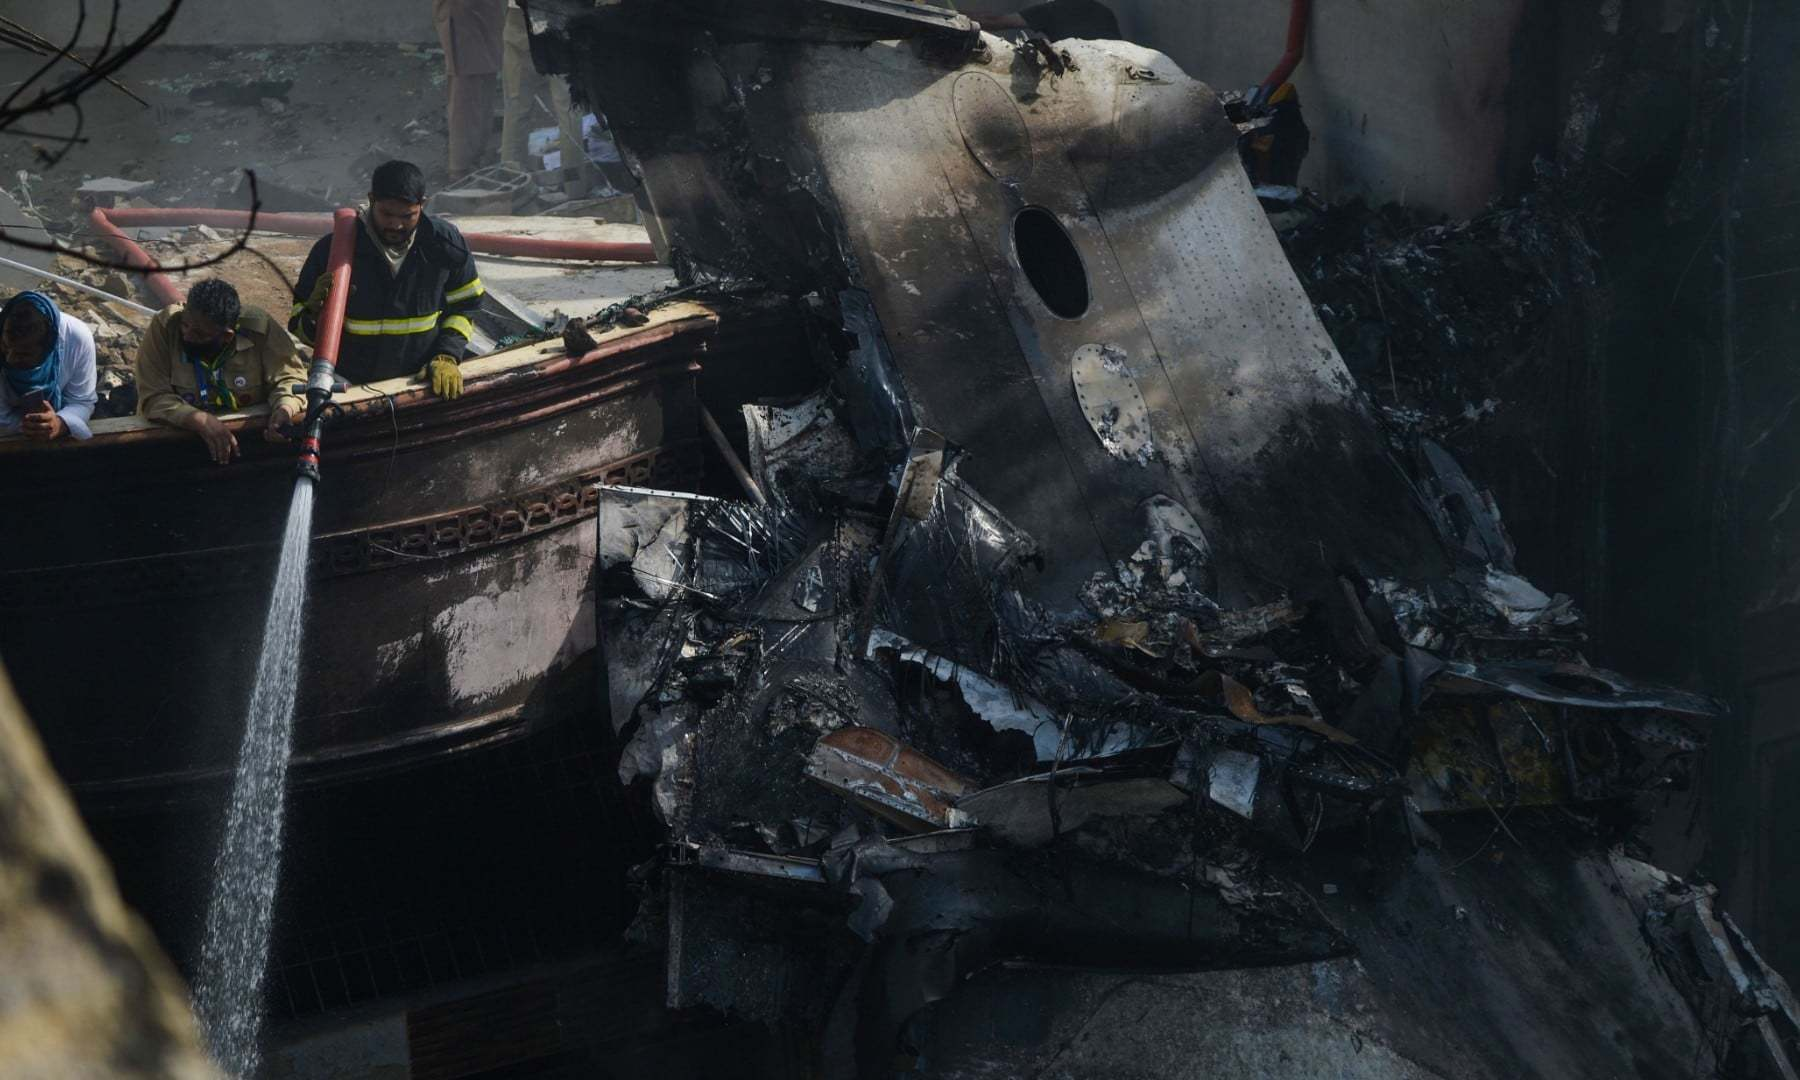 طیارہ حادثہ: بلیک باکس کی ڈی کوڈنگ، ڈاؤن لوڈنگ کا عمل مکمل